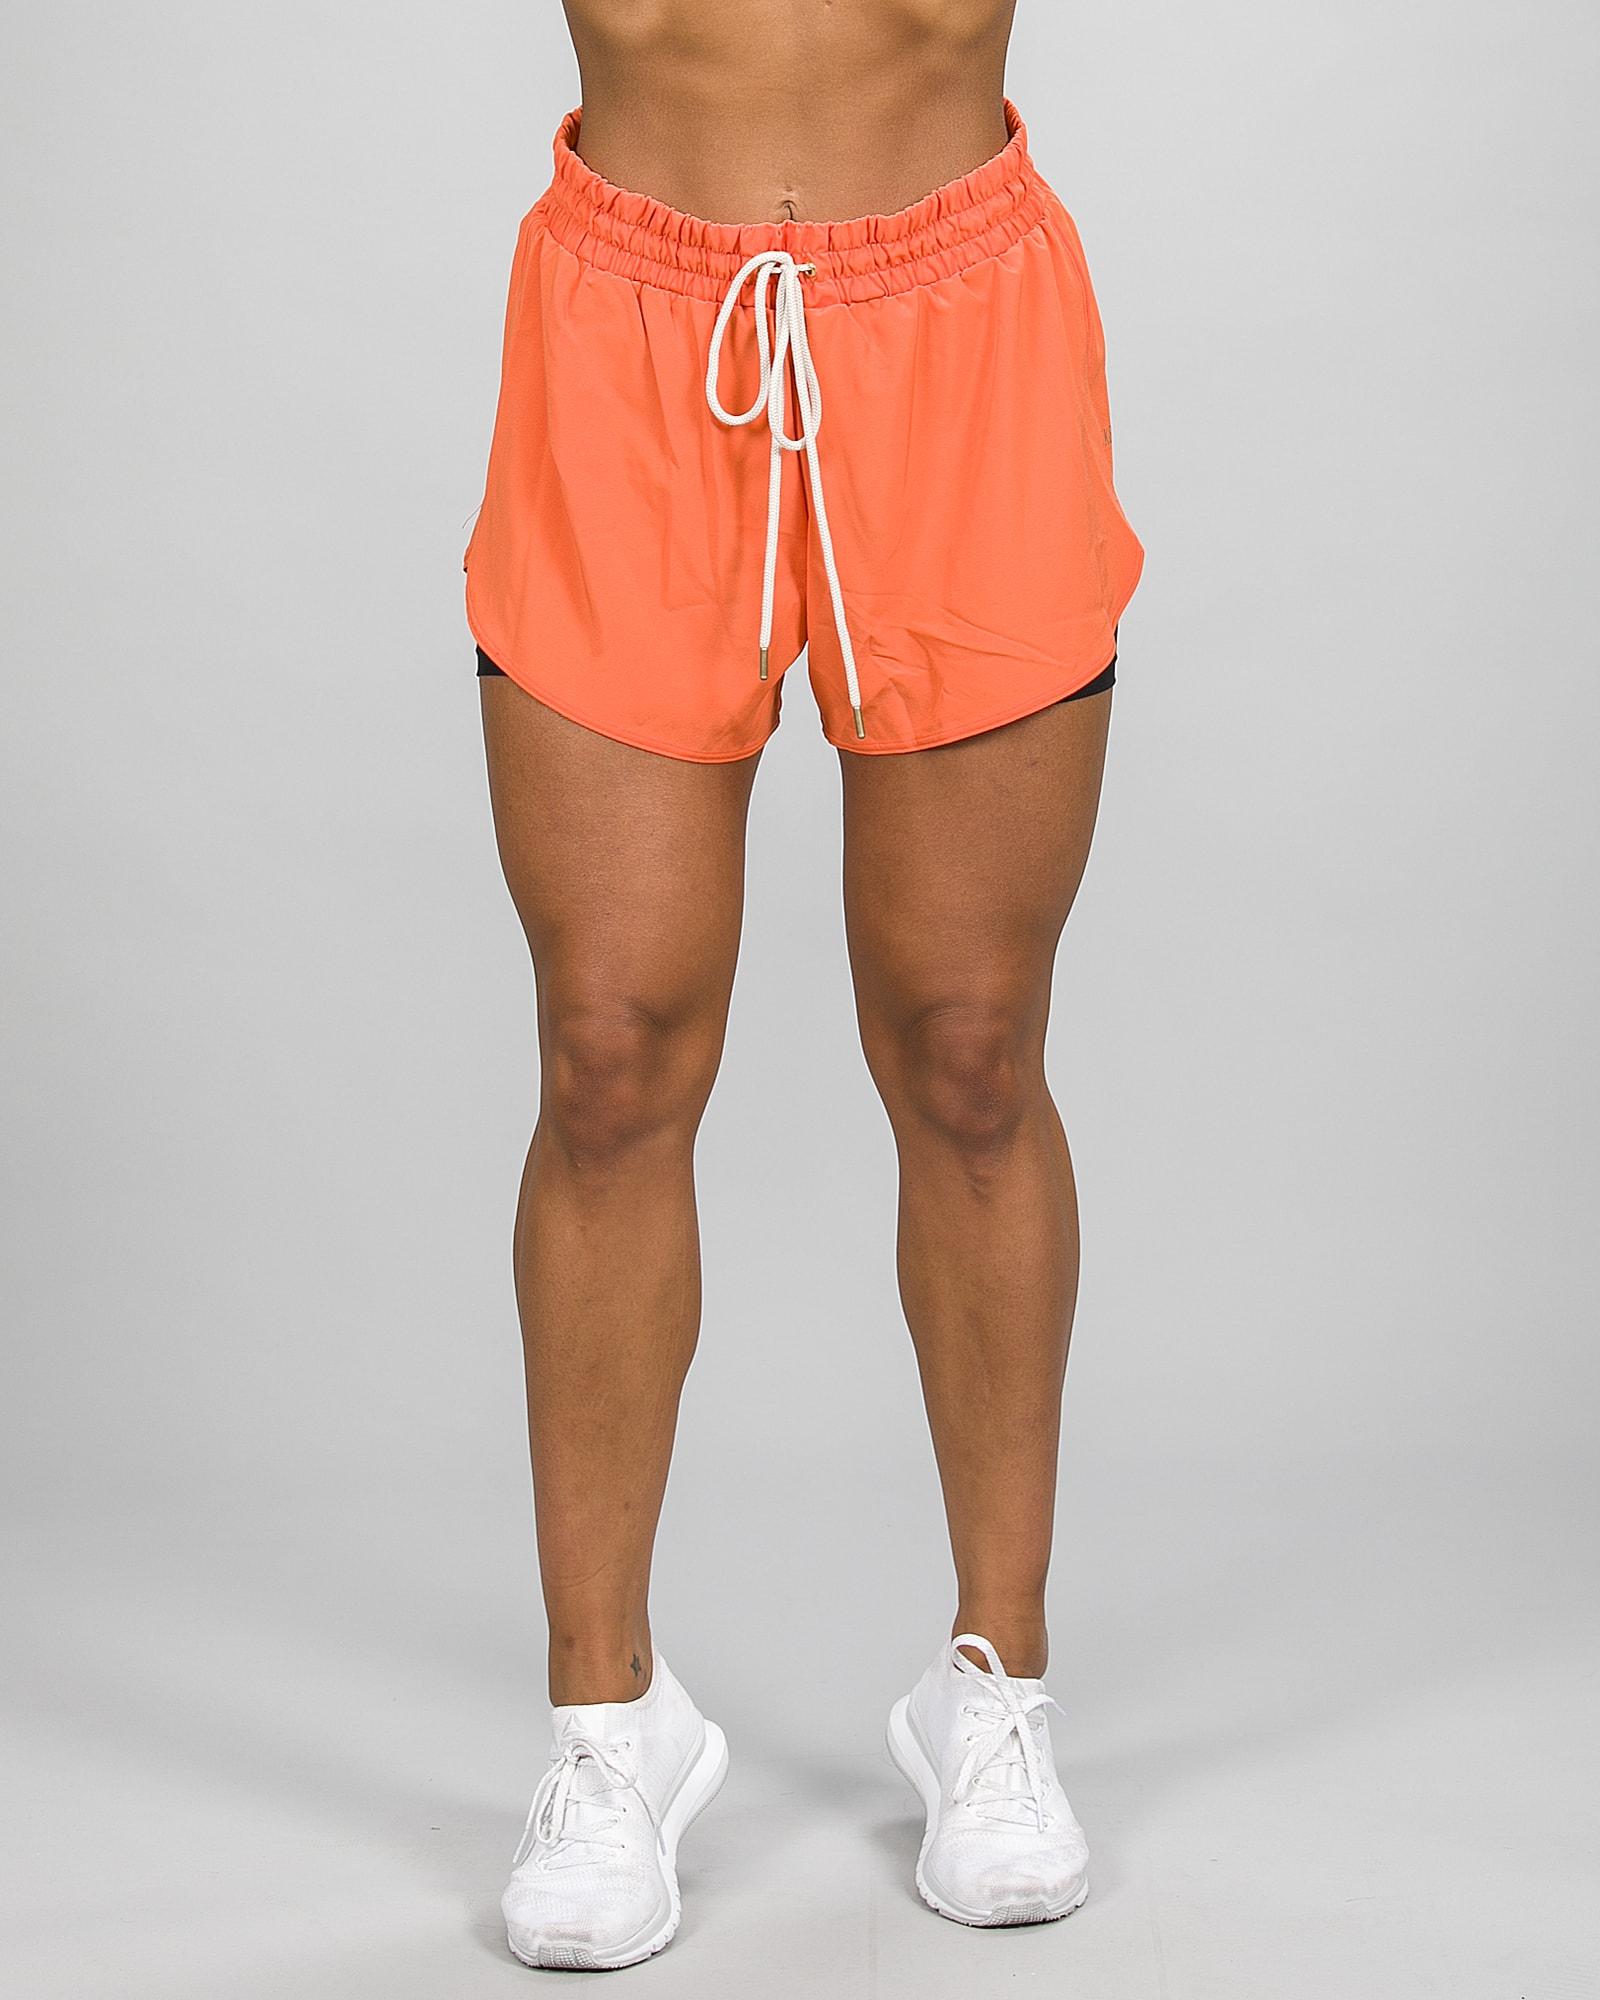 Skiny SK86 Shorts 083111- Blazing Orange